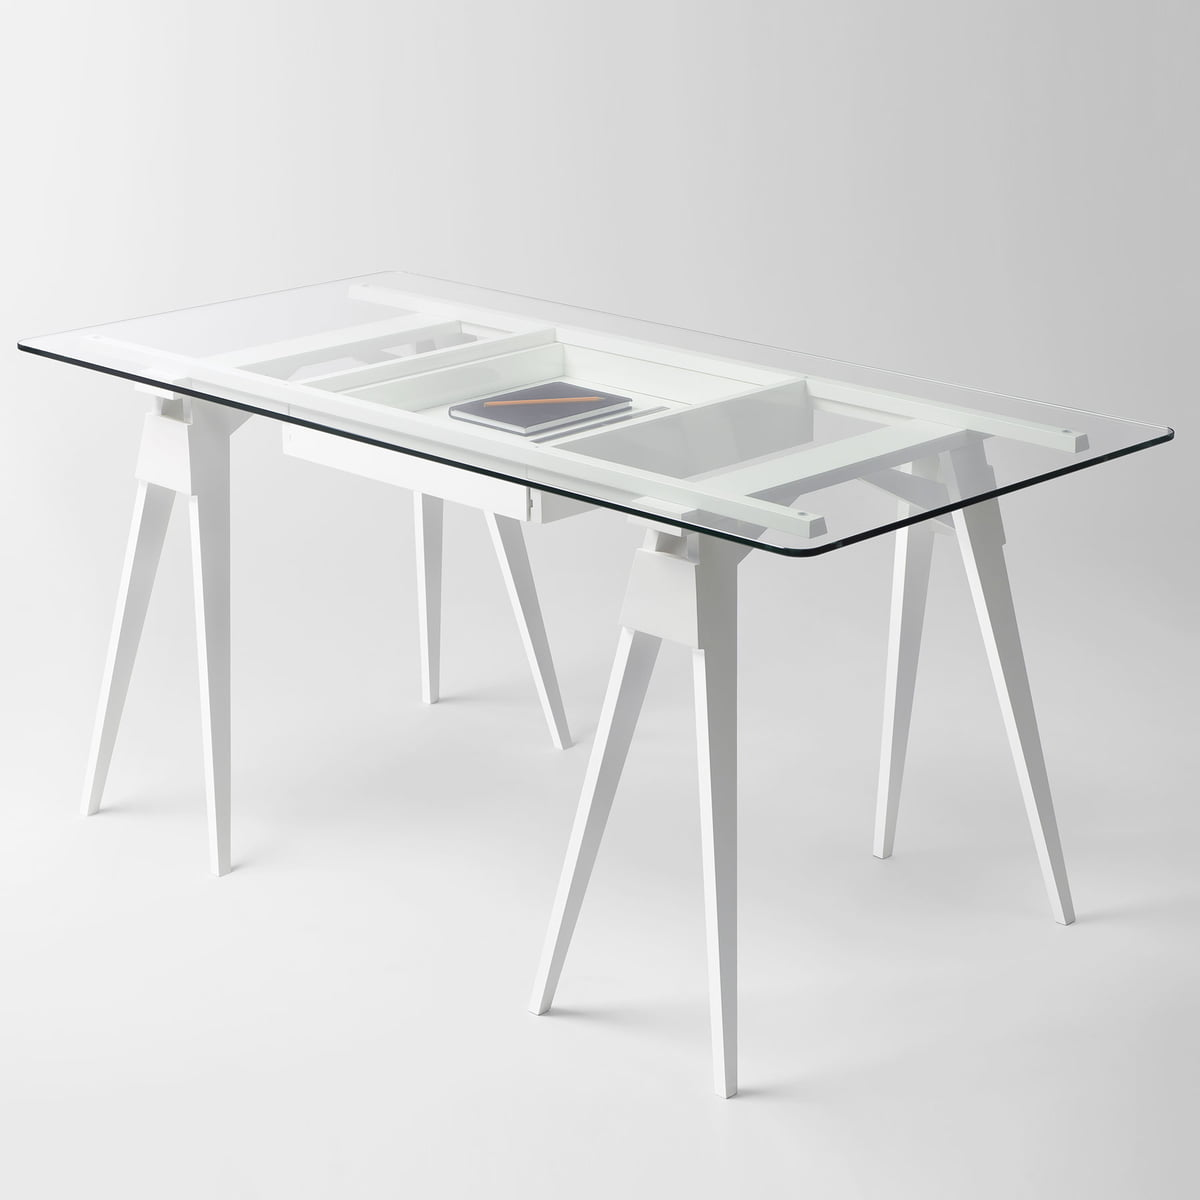 Arco tischb cke von design house stockholm for Schreibtisch design klein